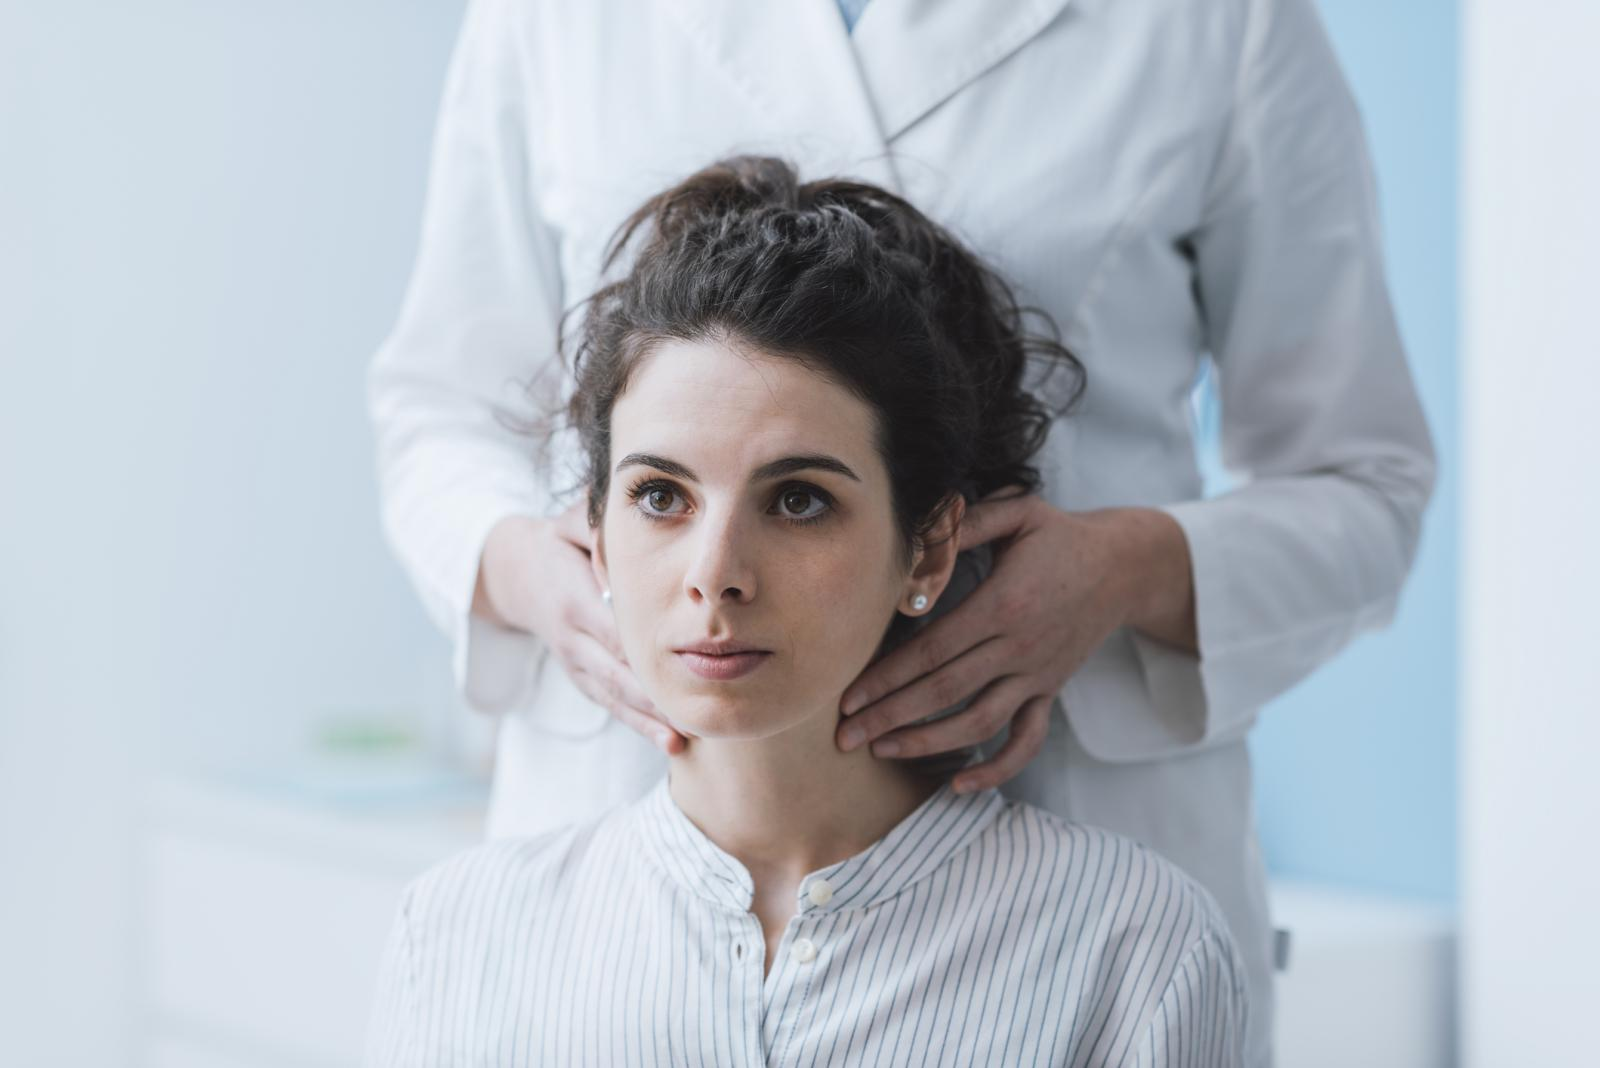 Žene bi posebno trebale biti na oprezu zato što ih ova bolest češće pogađa i zato što, između ostalog, utječe na njihov reproduktivan sustav.